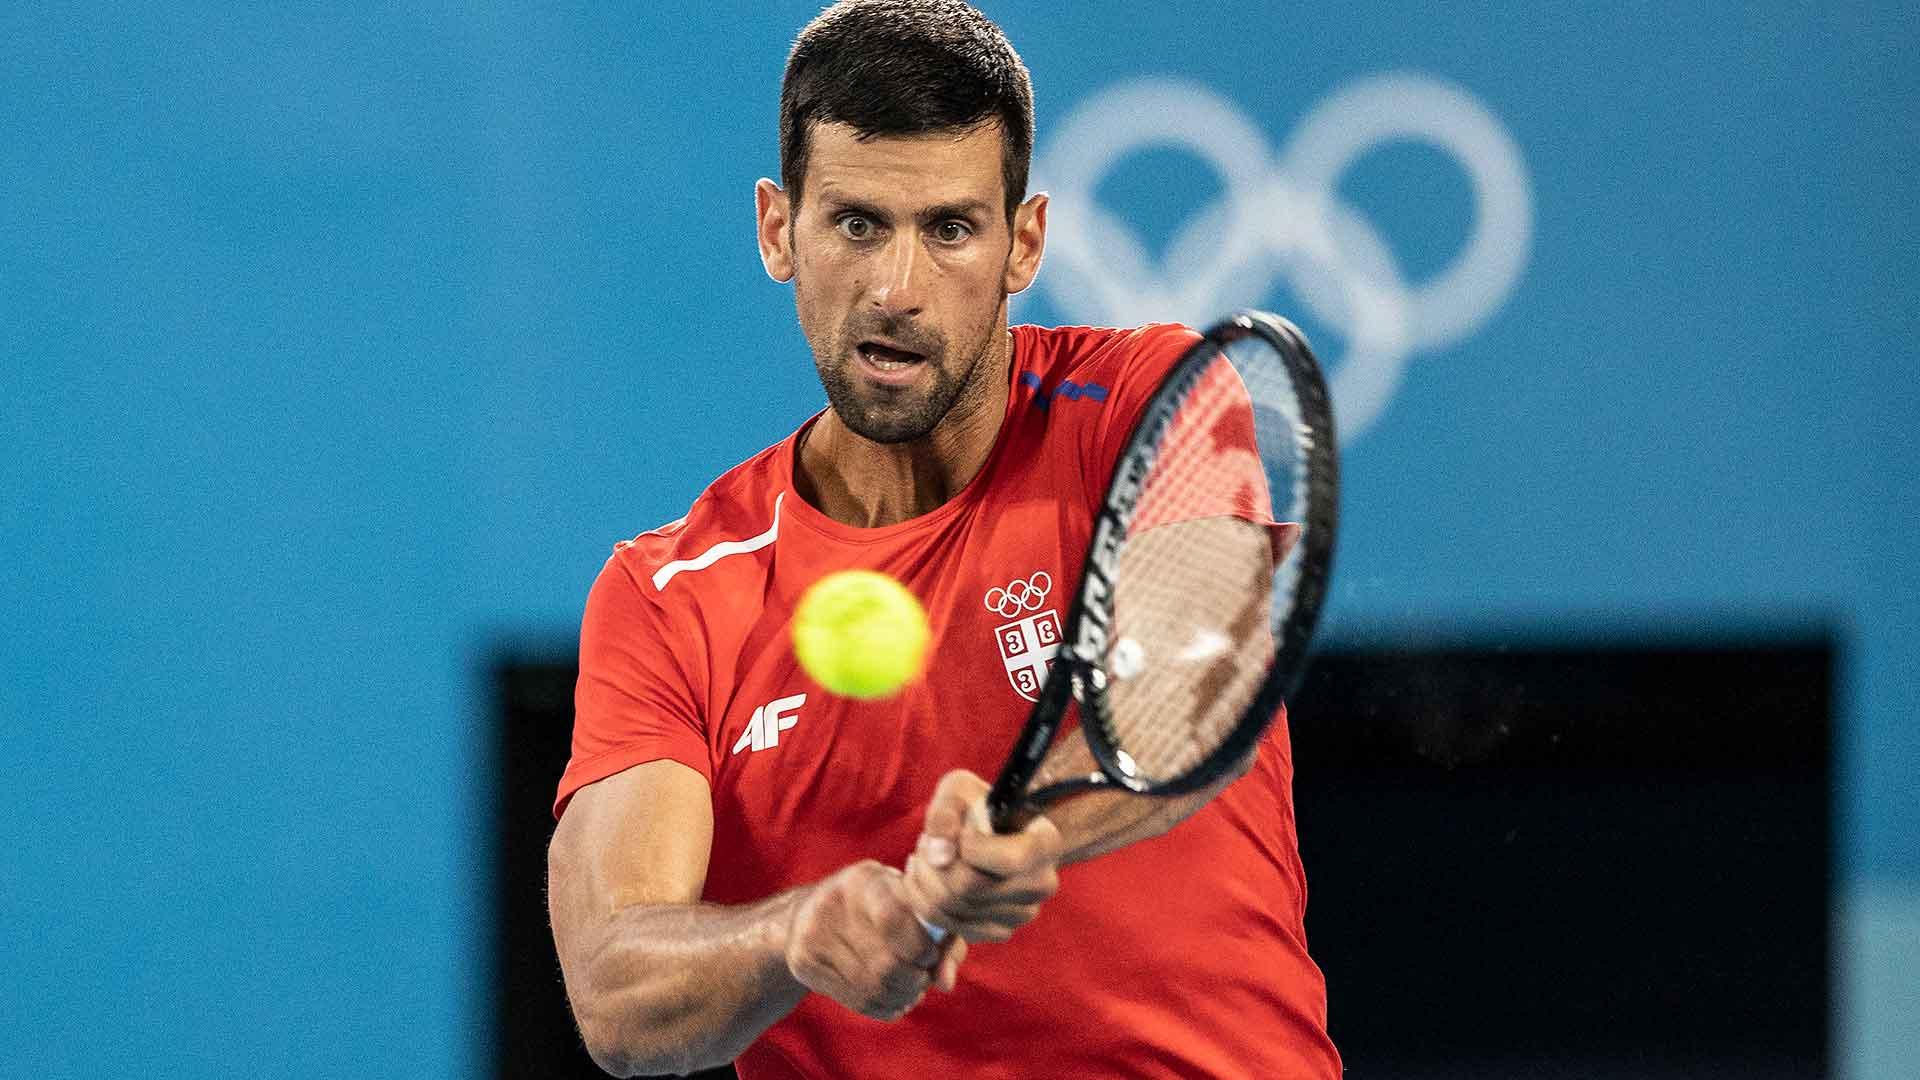 Djokovic è il favorito dei bookmakers per l'oro olimpico